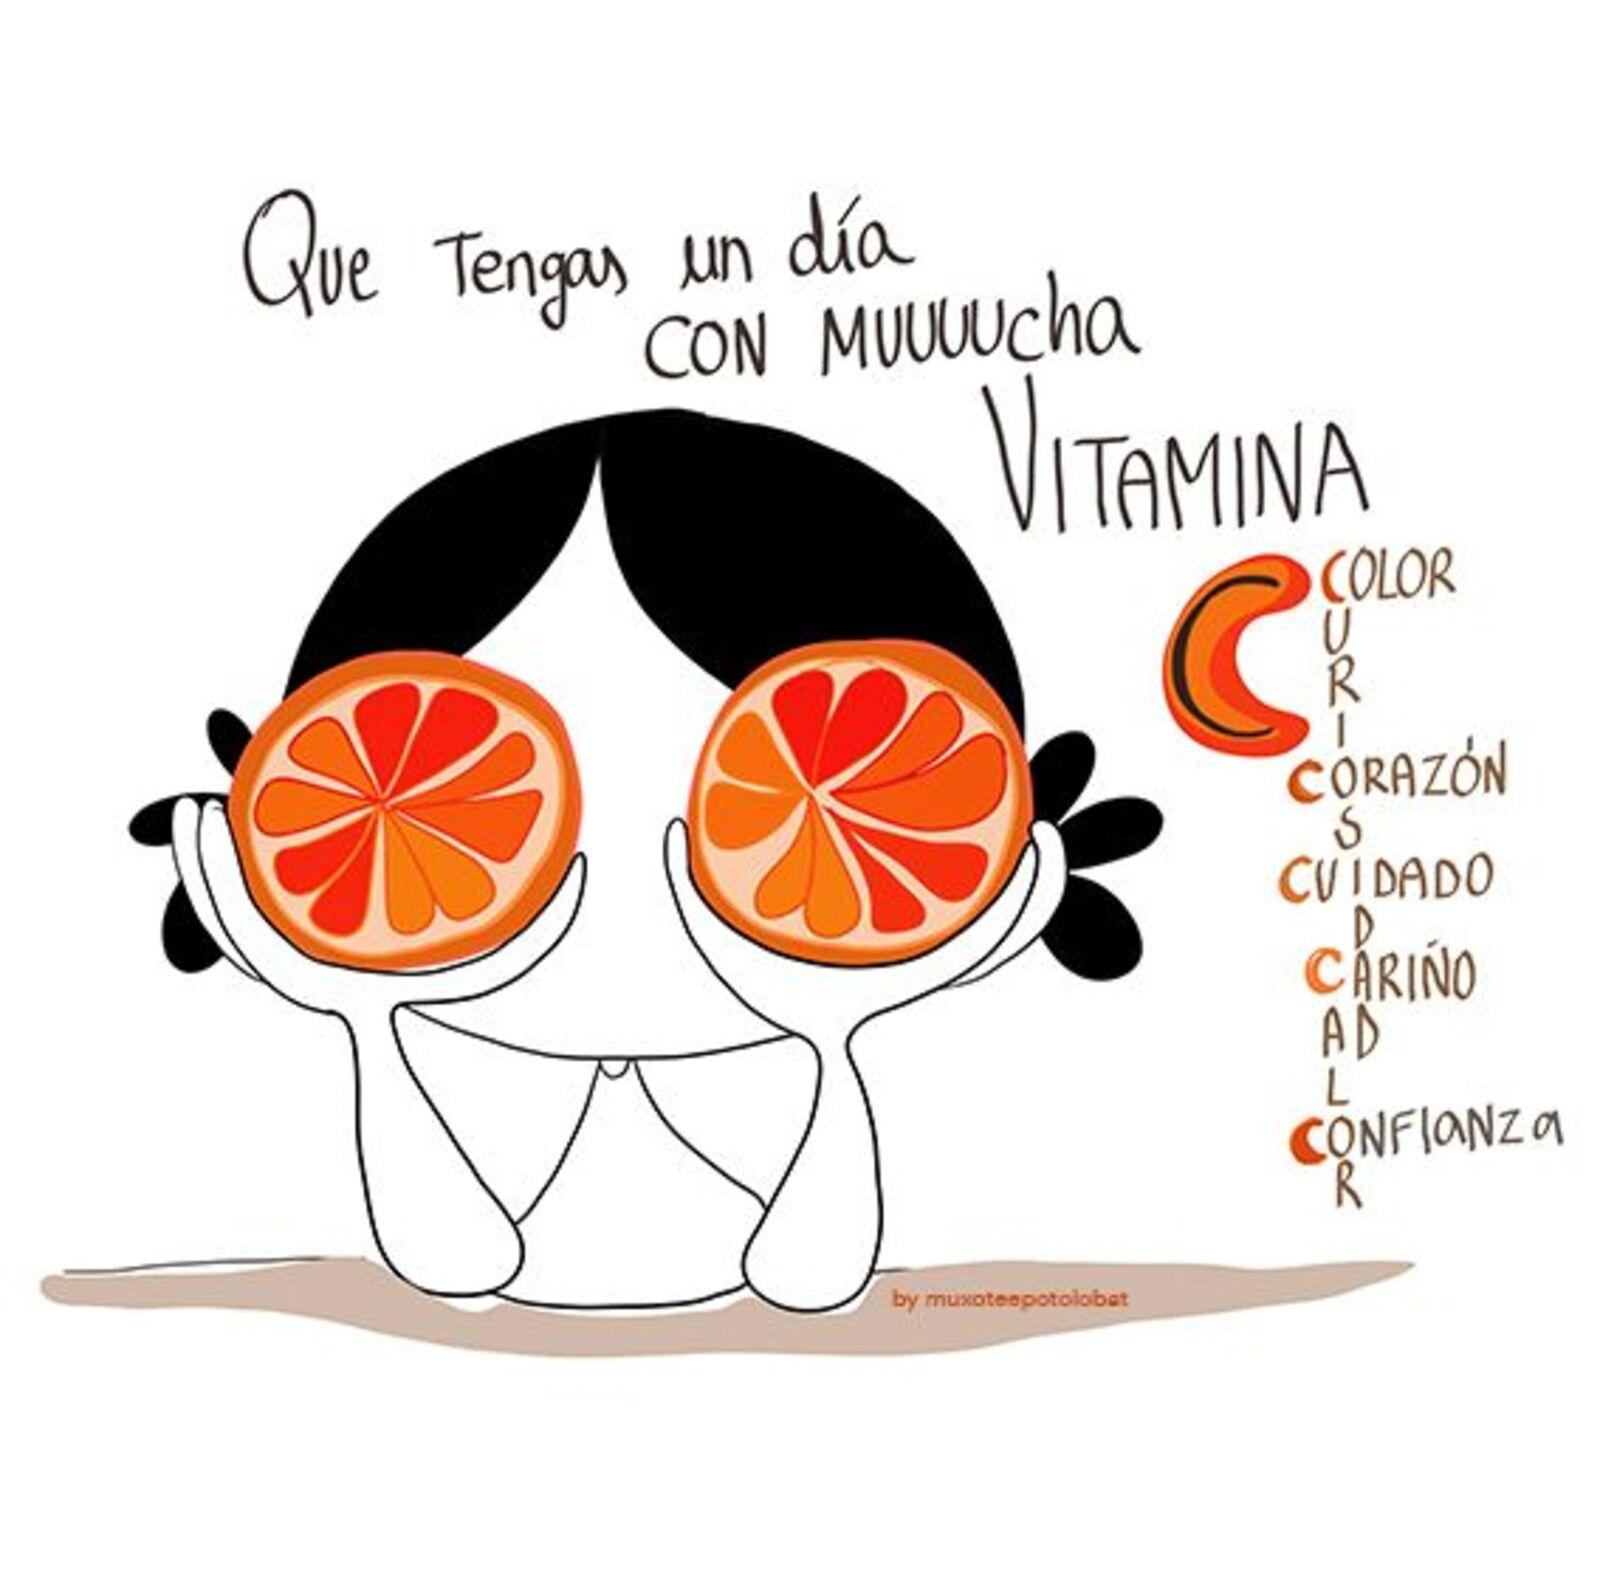 Que tengas un día con mucccha vitamina C